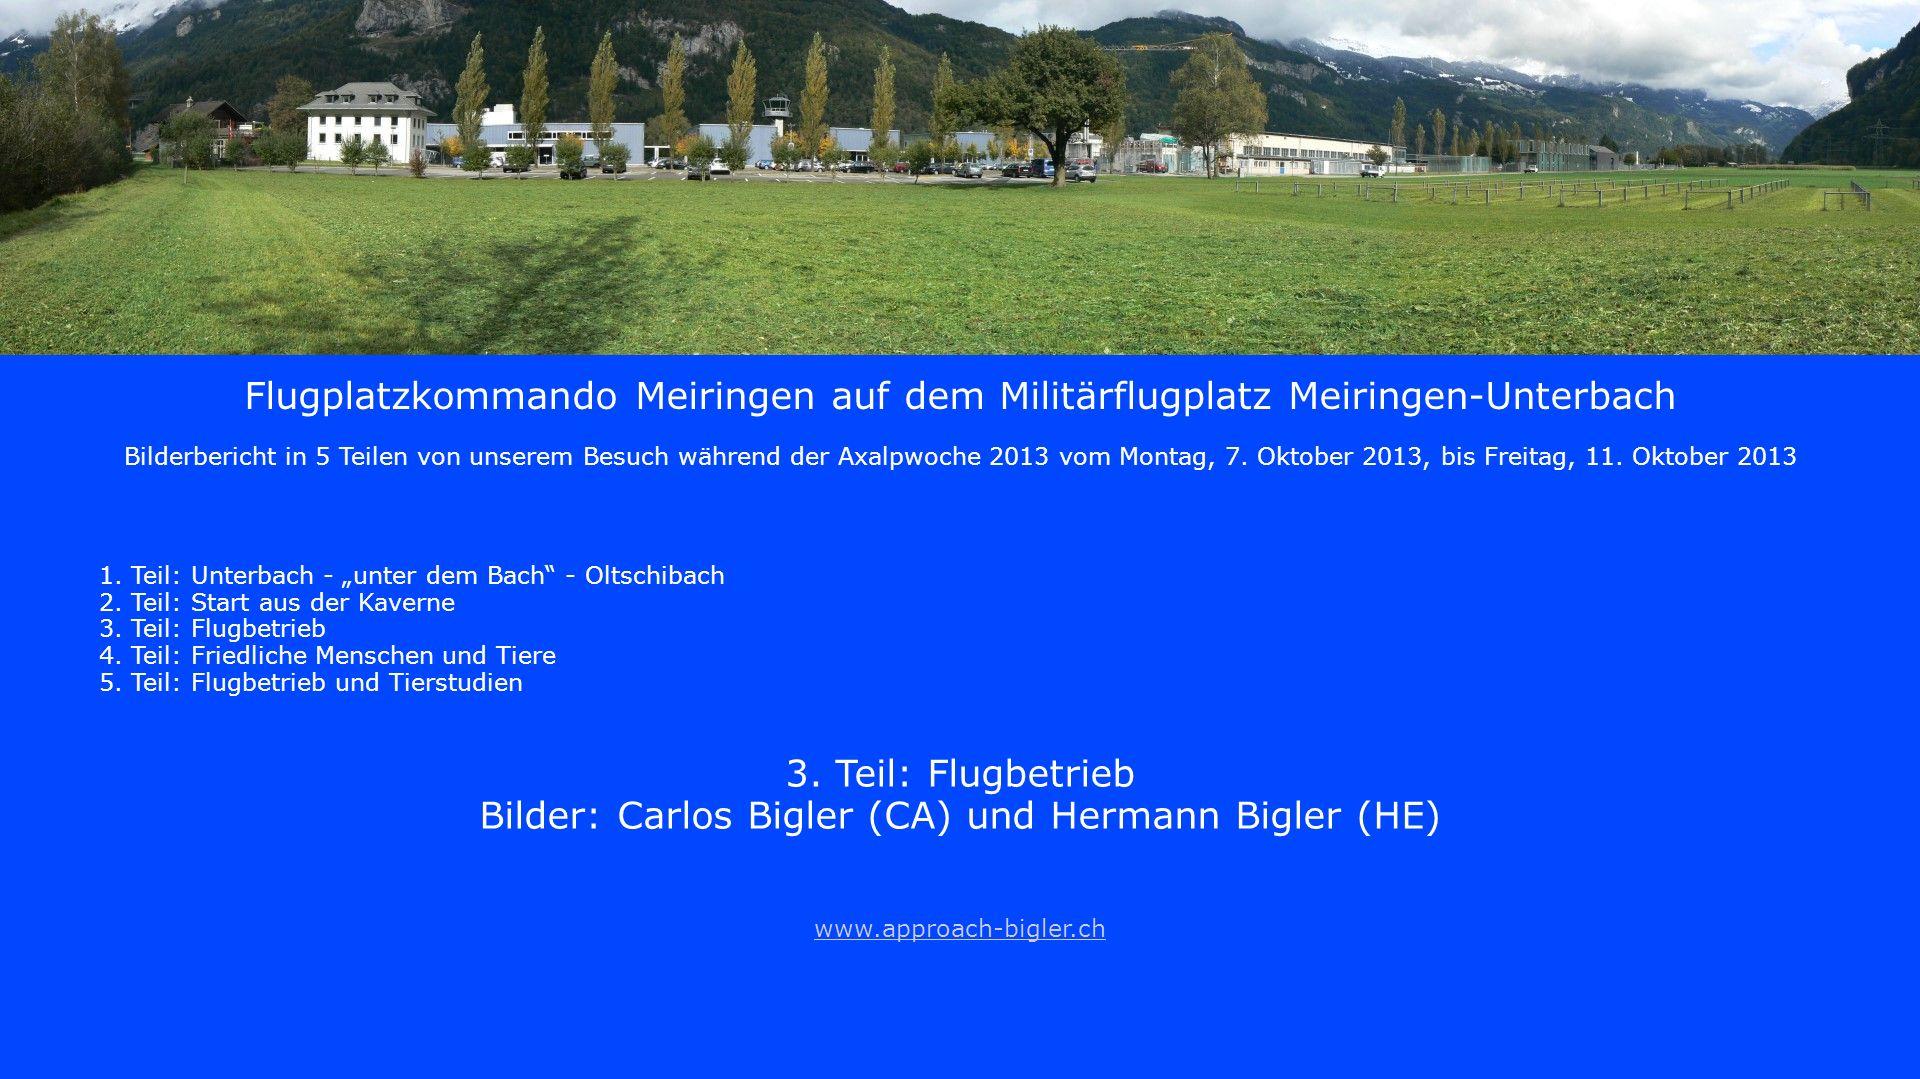 Flugplatzkommando Meiringen auf dem Militärflugplatz Meiringen-Unterbach Bilderbericht in 5 Teilen von unserem Besuch während der Axalpwoche 2013 vom